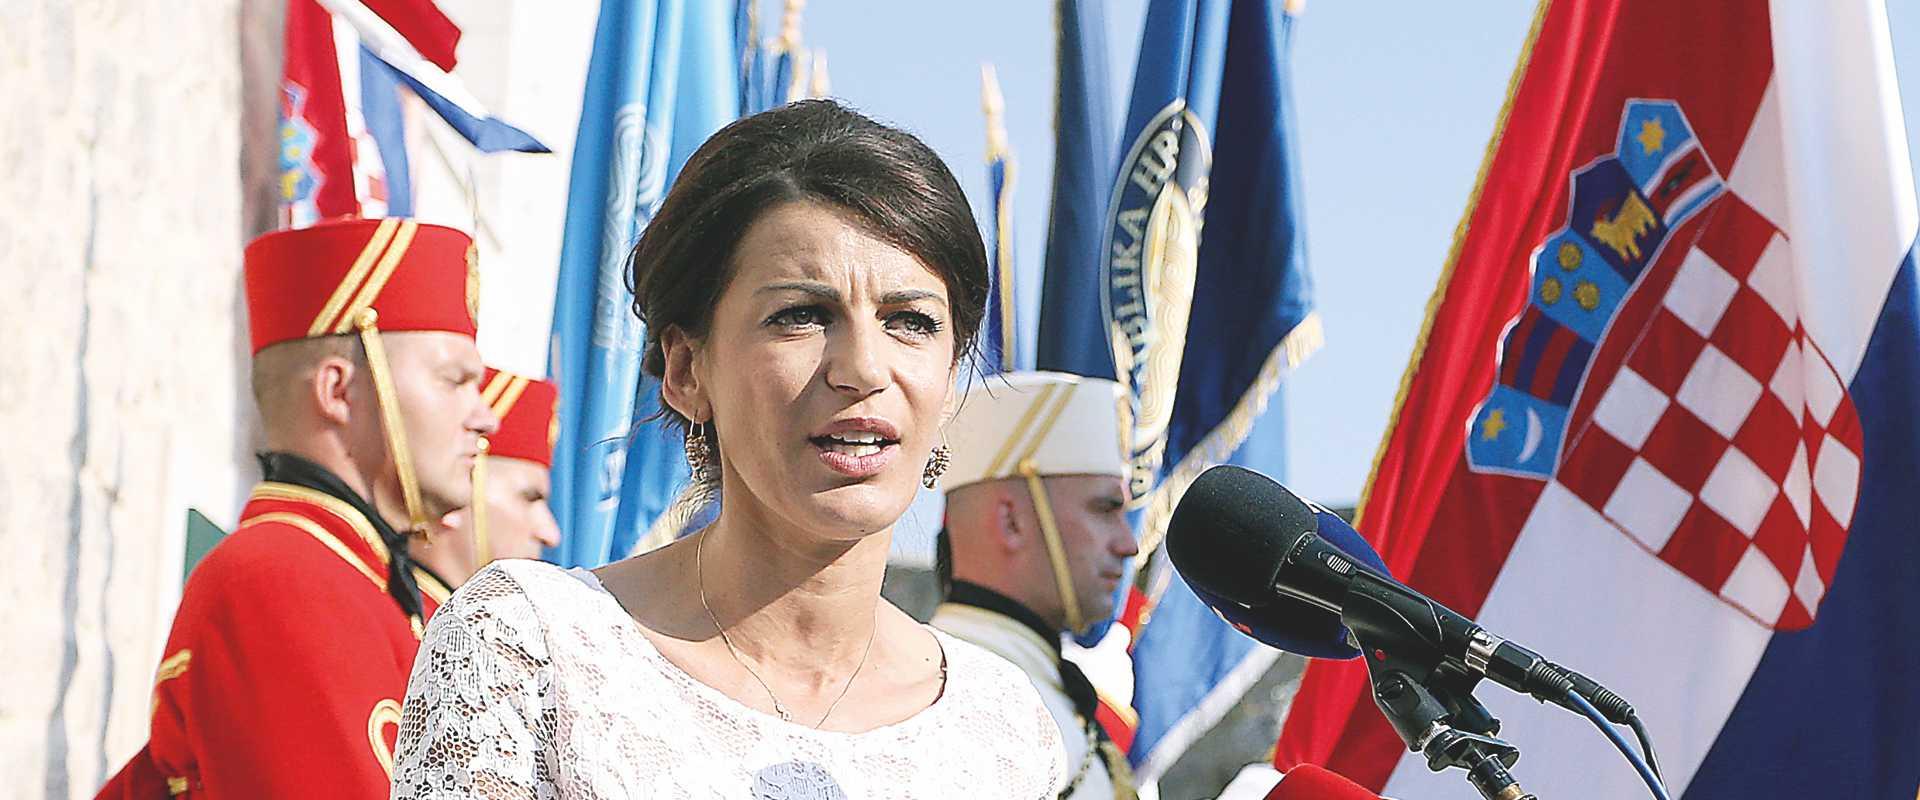 EKSKLUZIVNO: Nova kraljica HDZ-a na udaru svjedoka